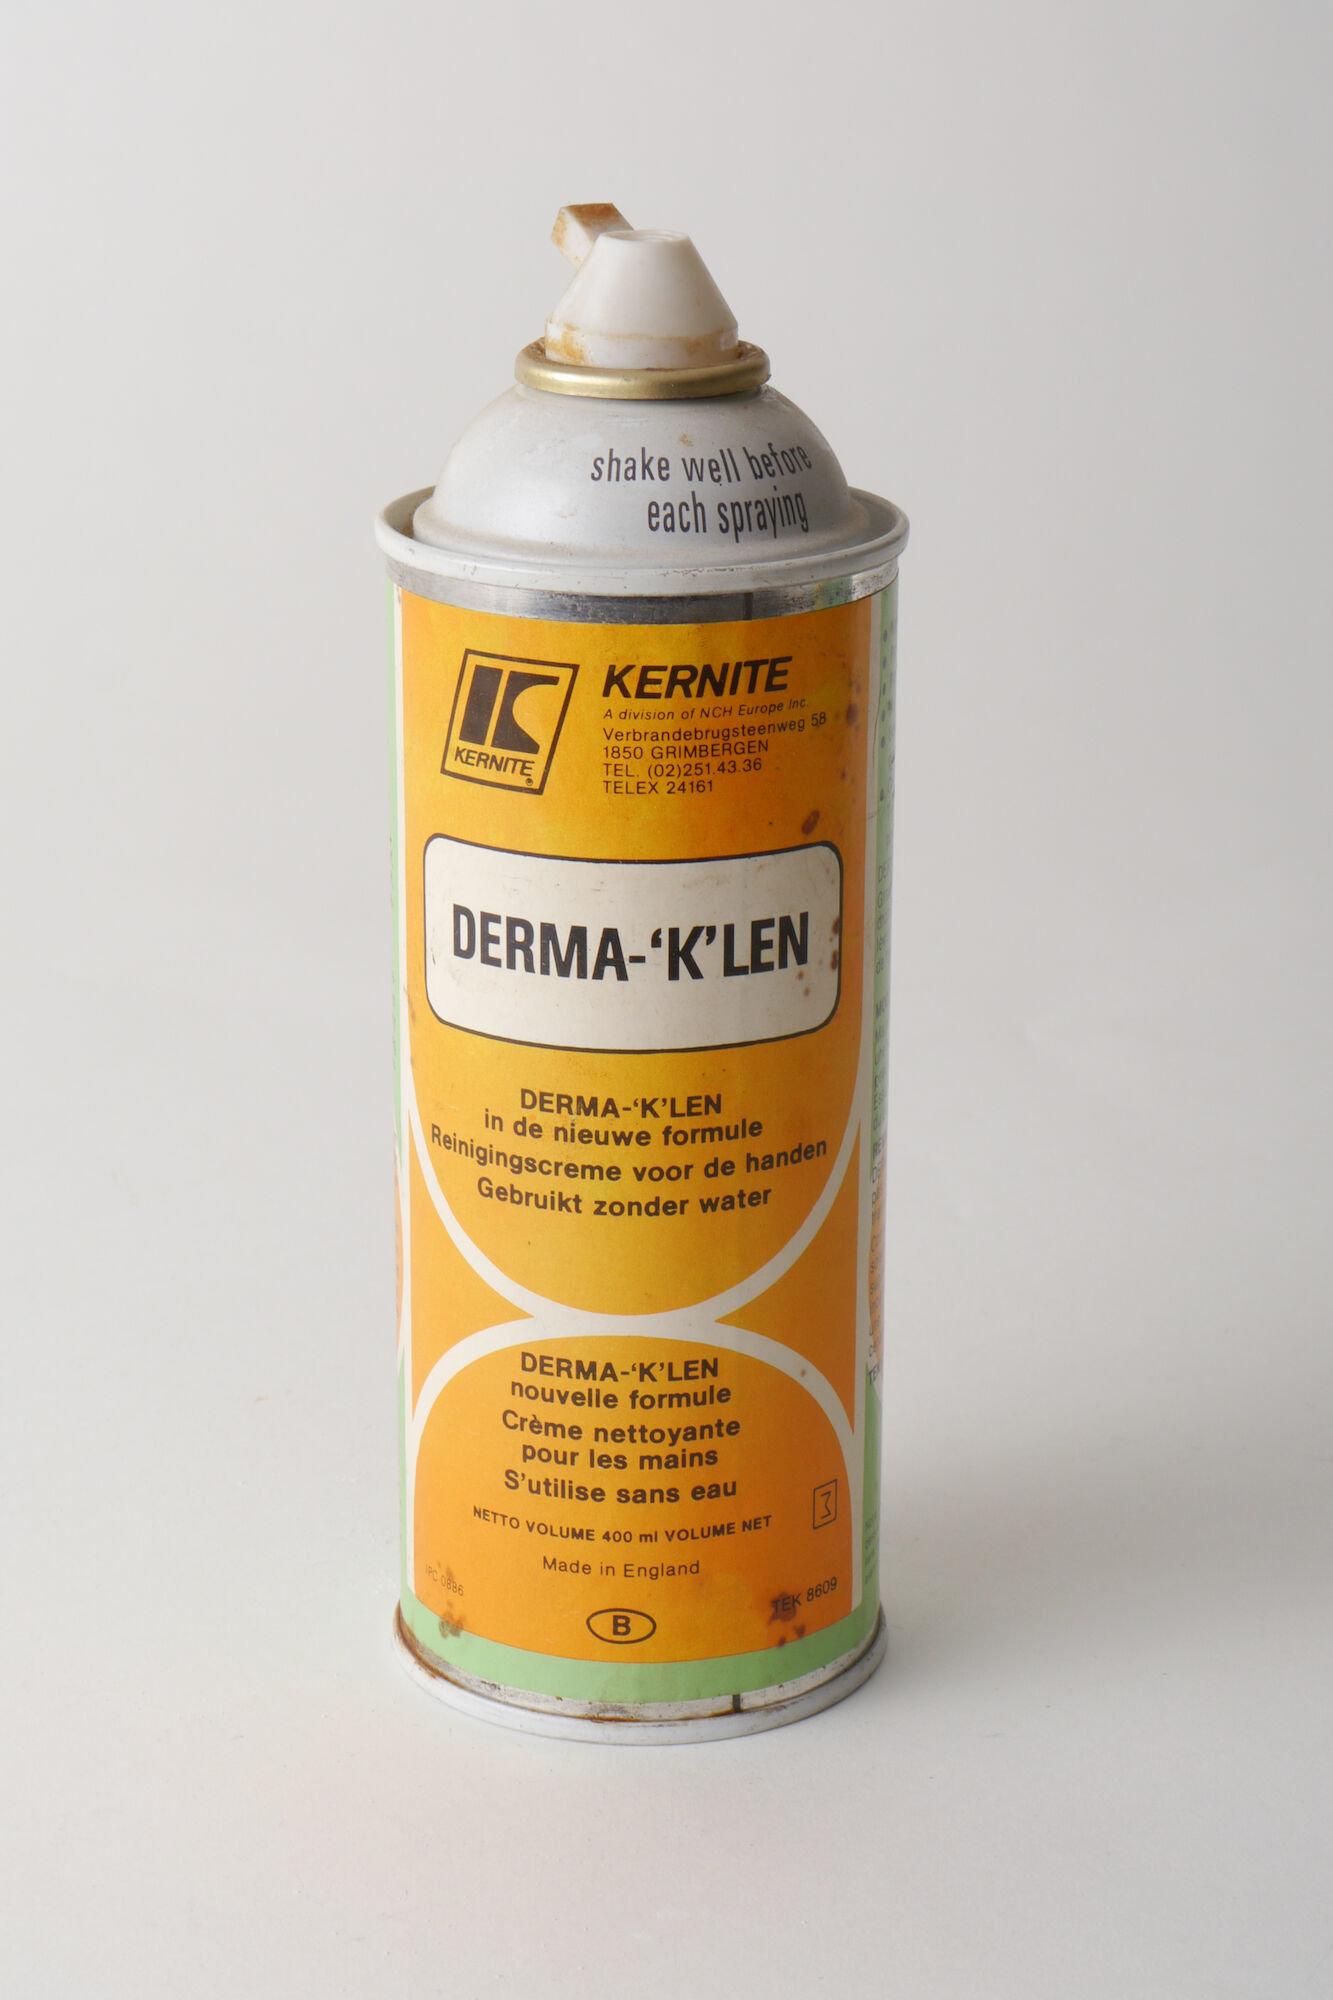 Spuitbus met reinigingscrème van het merk Derma-'K'len